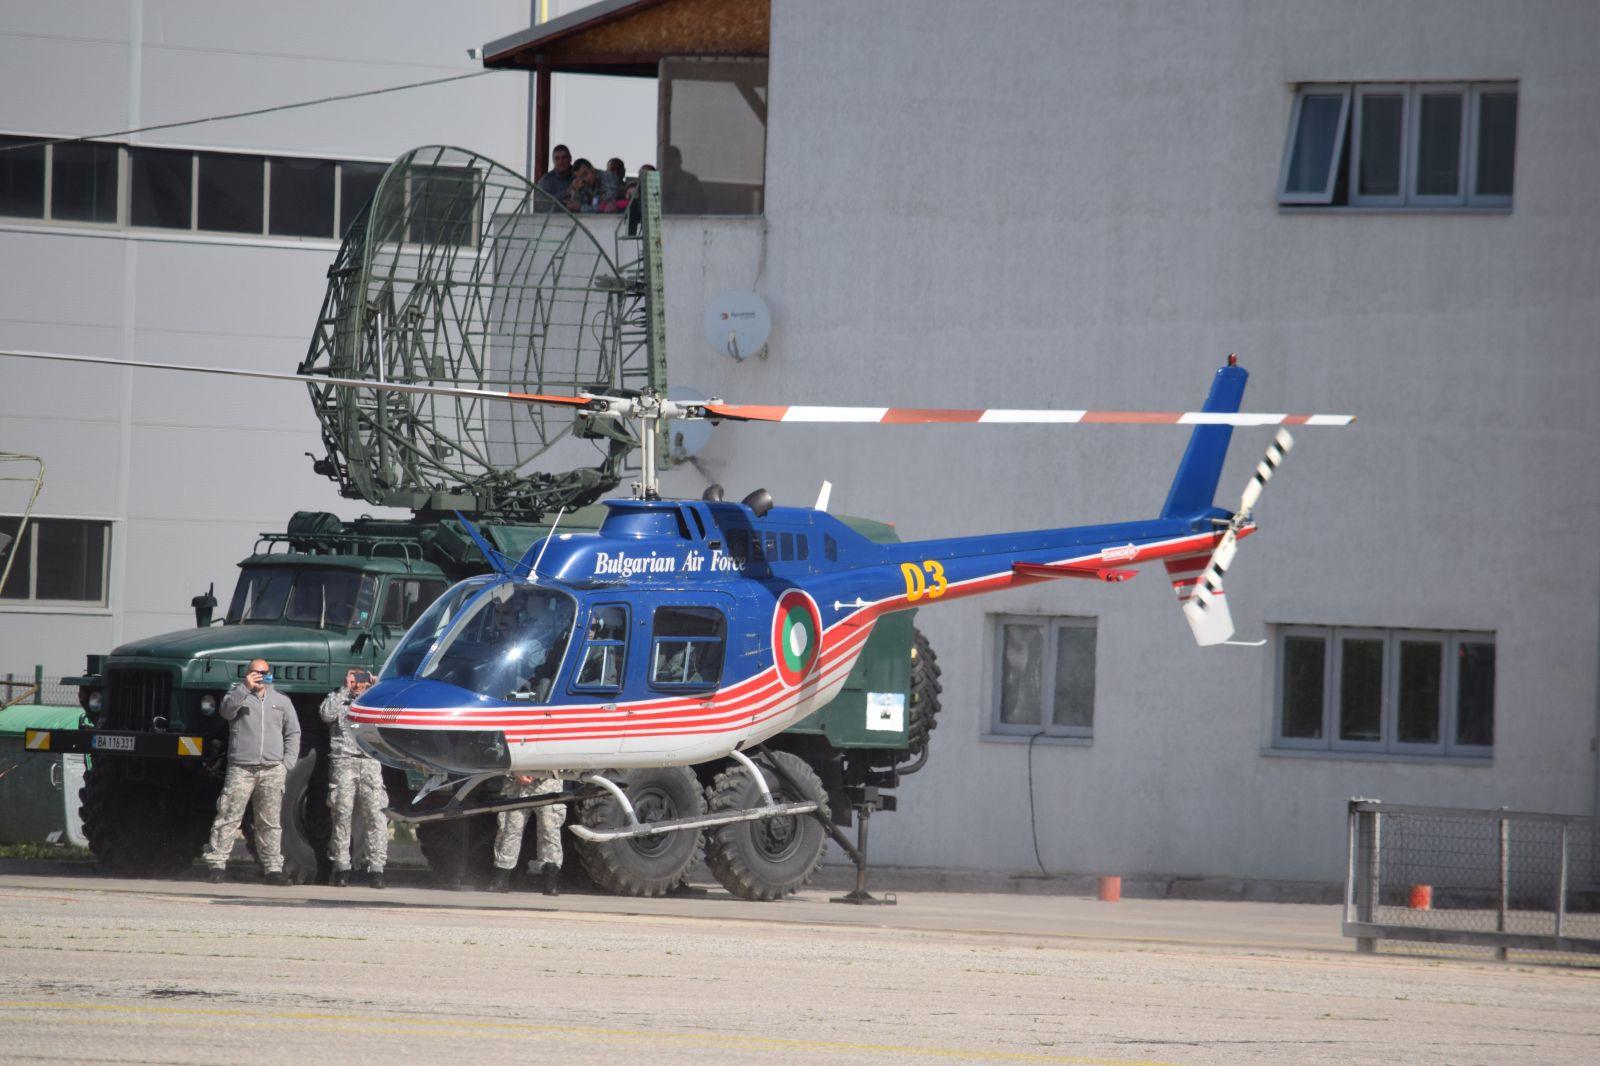 Генерална репетиция за въздушната демонстрация на 6 май - Част 2 учебно-щурмовото ято с Ми-24В и два Bell-206B3 (ГОЛЯМА АВИАЦИОННА ГАЛЕРИЯ)